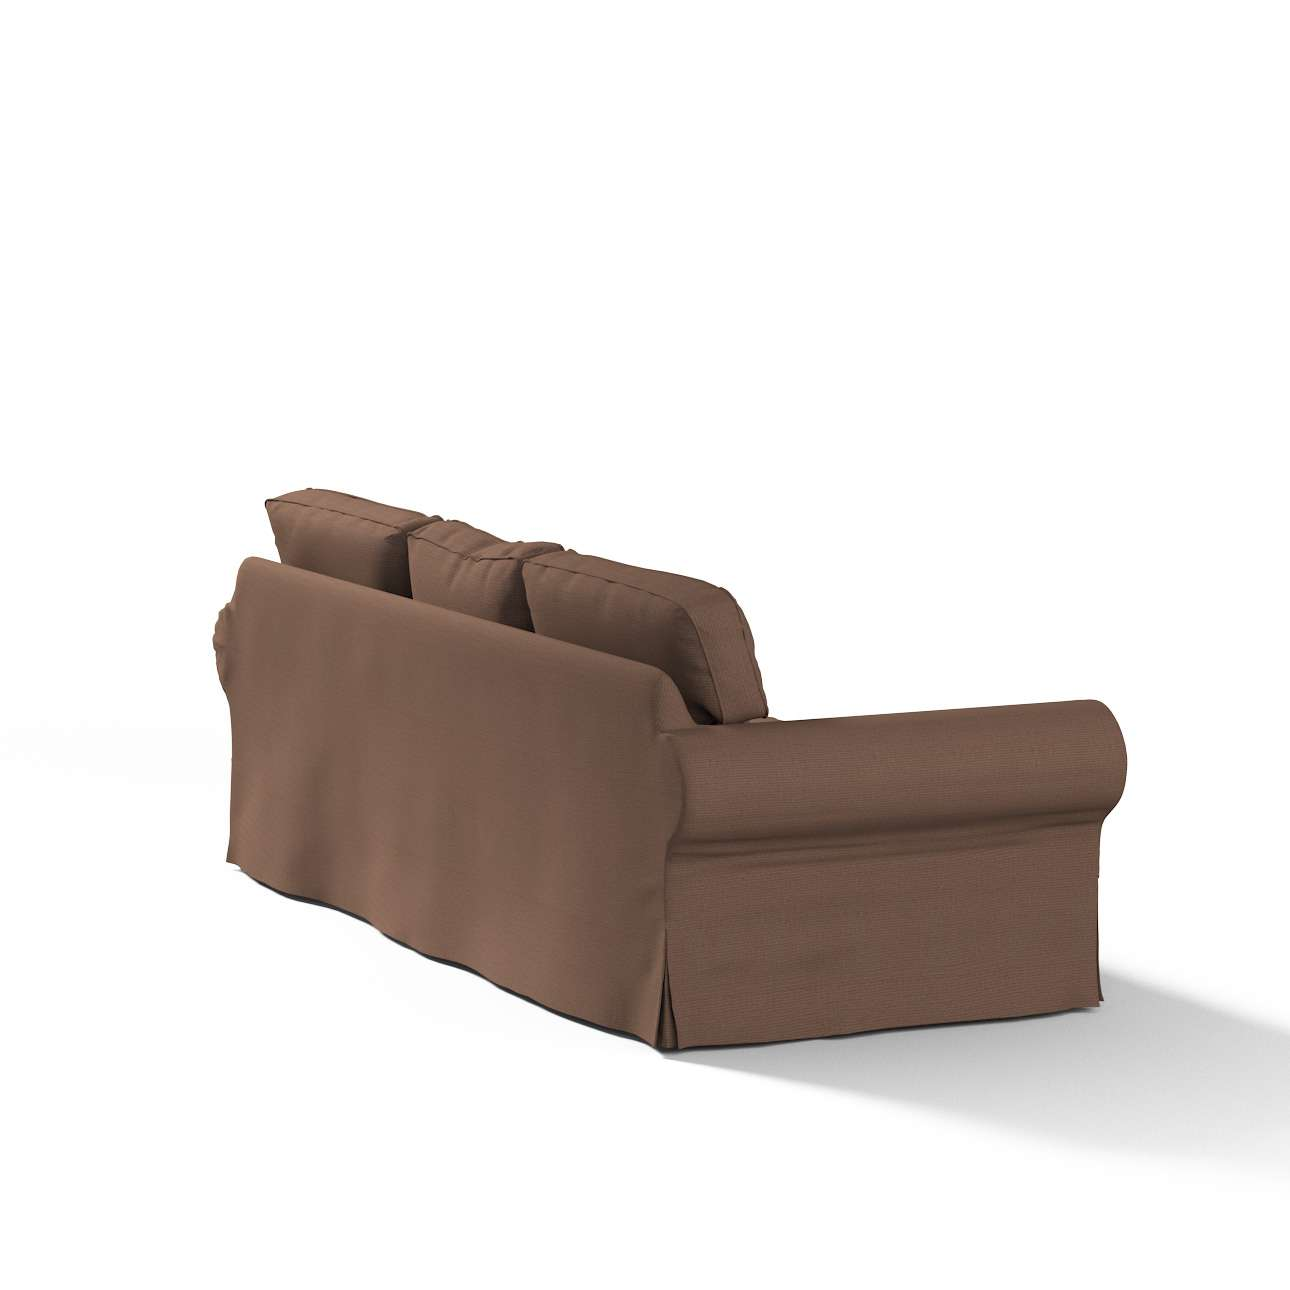 Ektorp 3-Sitzer Sofabezug nicht ausklappbar von der Kollektion Etna, Stoff: 705-08